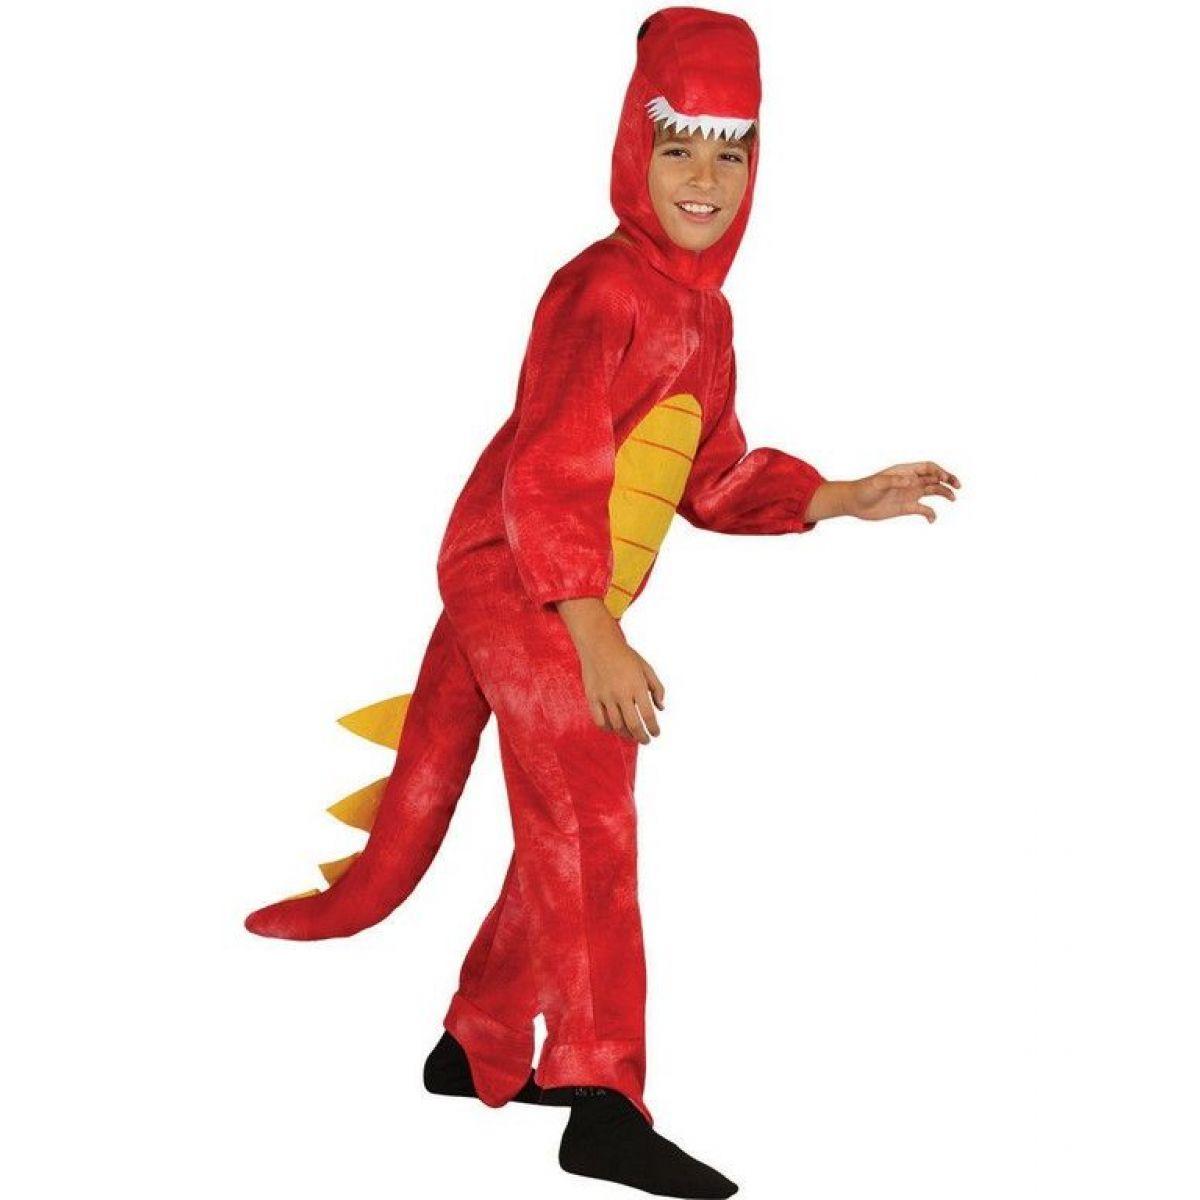 Detský kostým na karneval Dinosaurus červený 120 - 130 cm